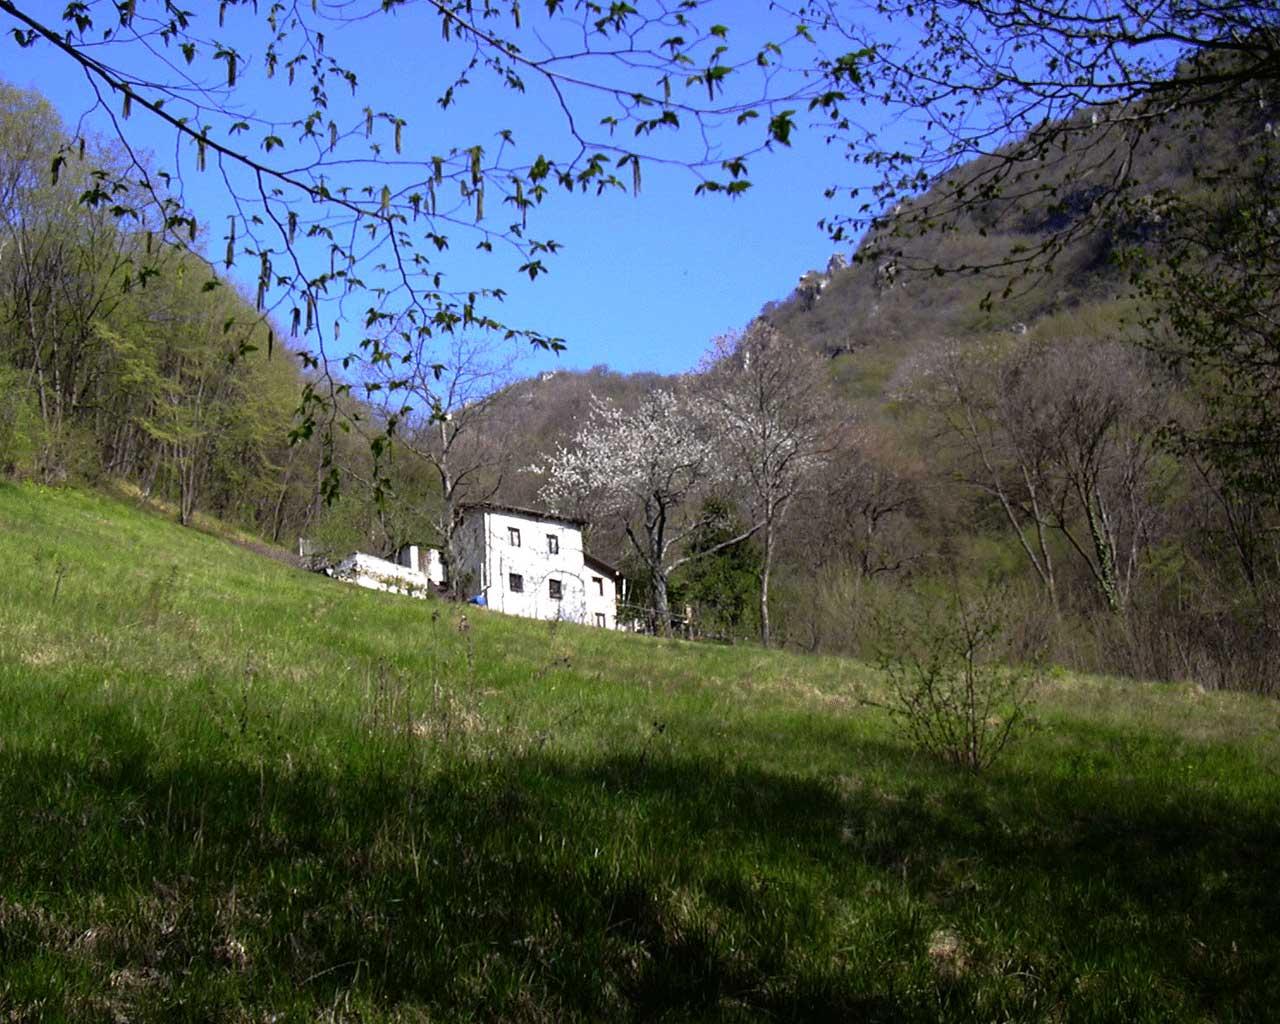 Una casa bianca e un prato verde sulla sinistra del sentiero in Valle della Murra